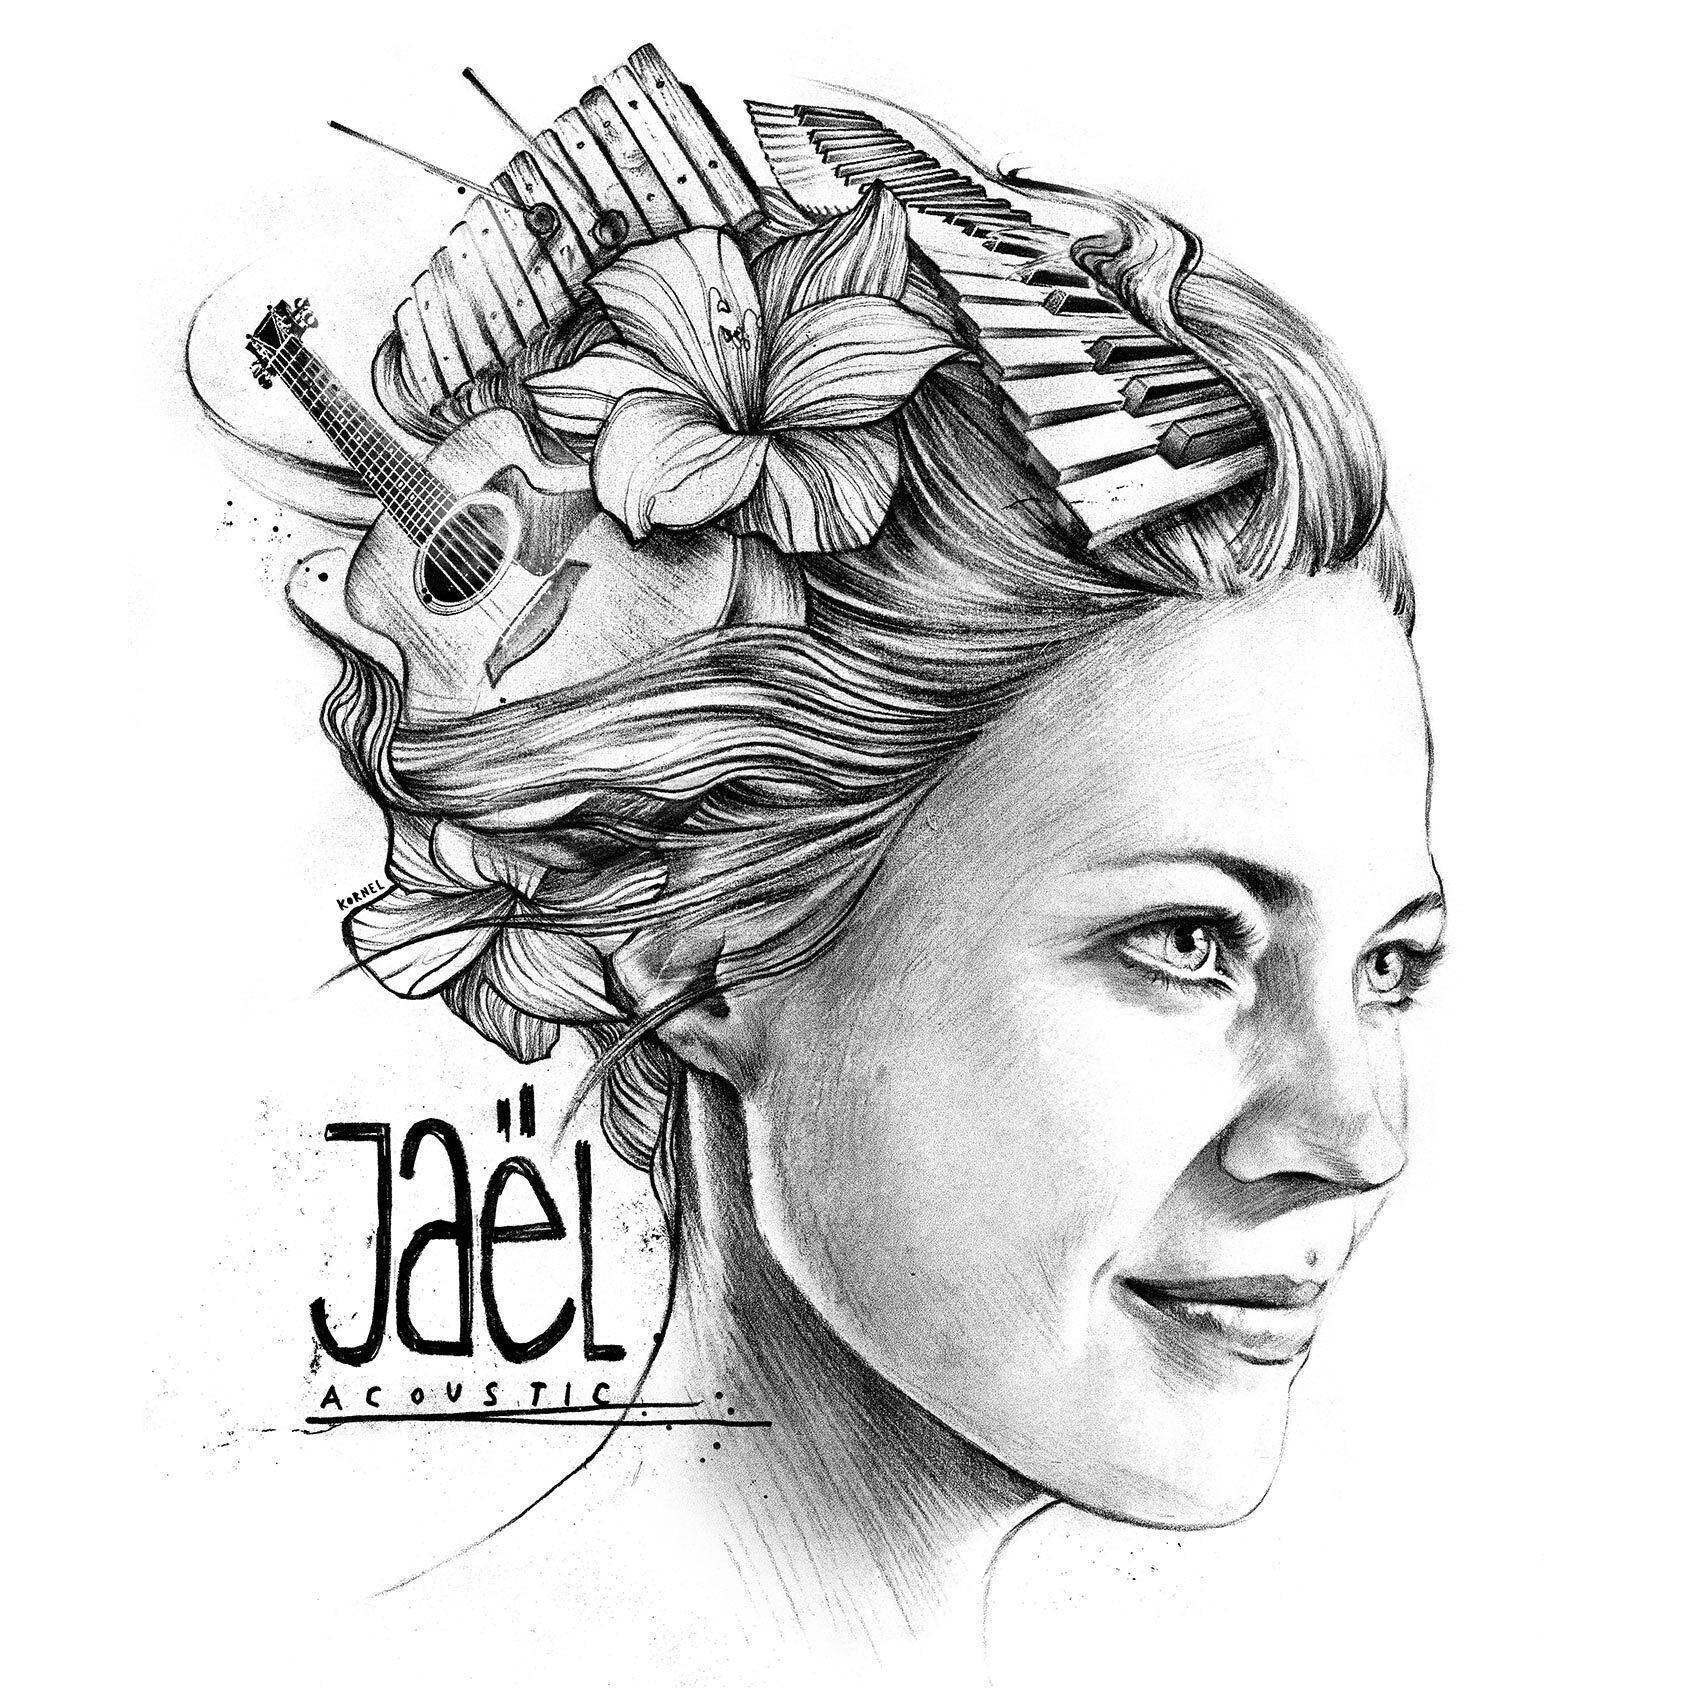 CD cover arwork jael acoustic - Kornel Illustration | Kornel Stadler portfolio